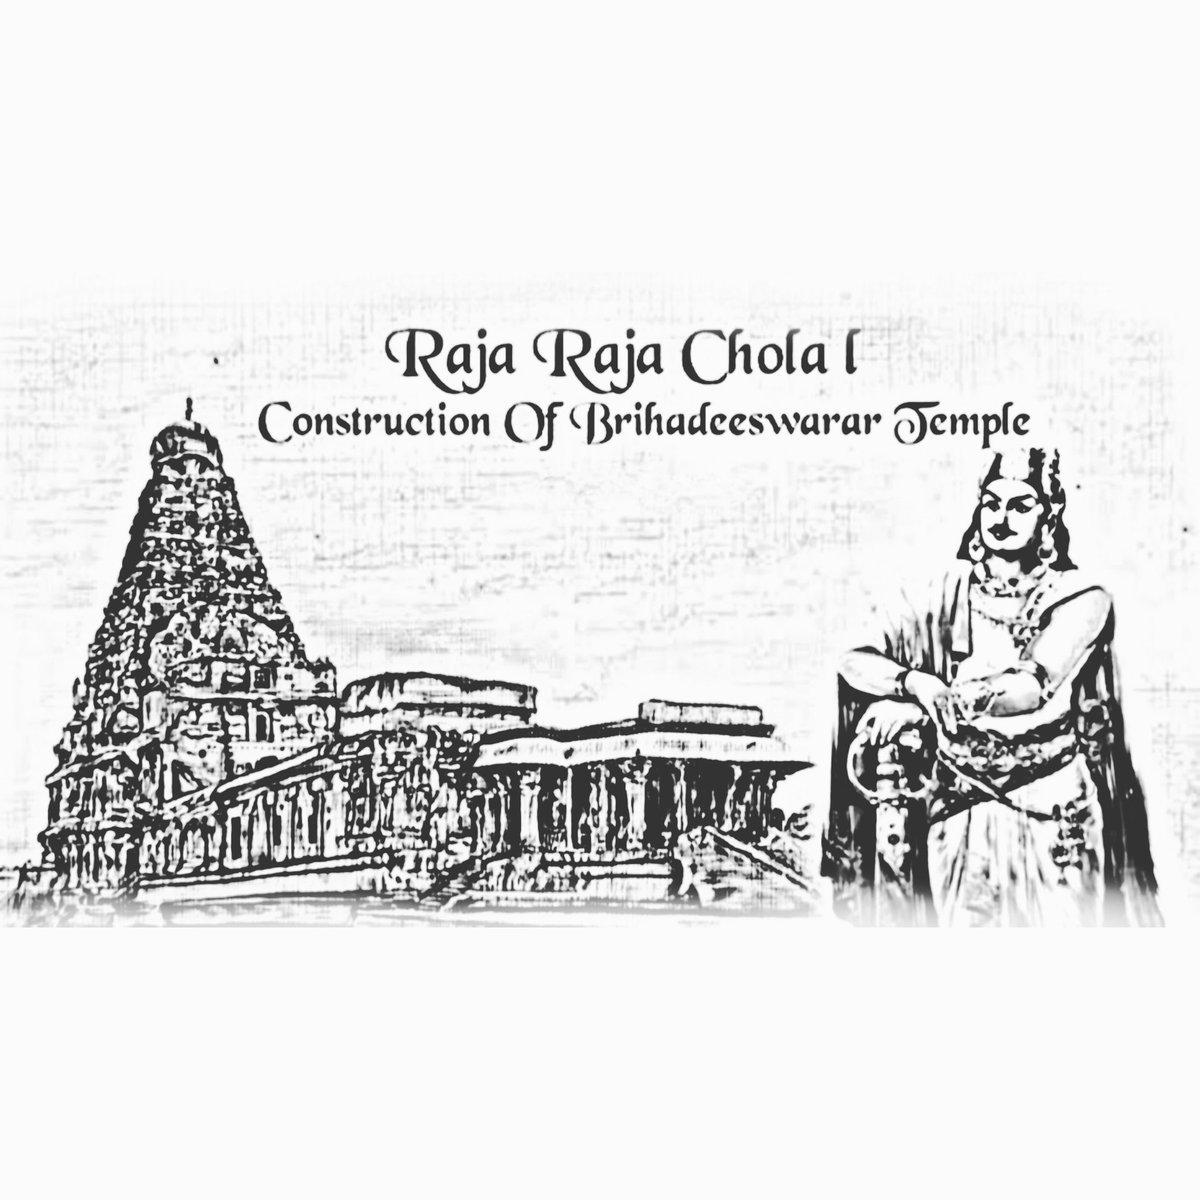 ராஜராஜ சோழனின் 1034-வது பிறந்த நாள் இன்று  #rajarajan #rajarajacholan #rajarajachola #birthday   #Mani_Renu  #Manikandan_Renu  #Manikandan_Reenu https://t.co/ZvaIxpGV4L